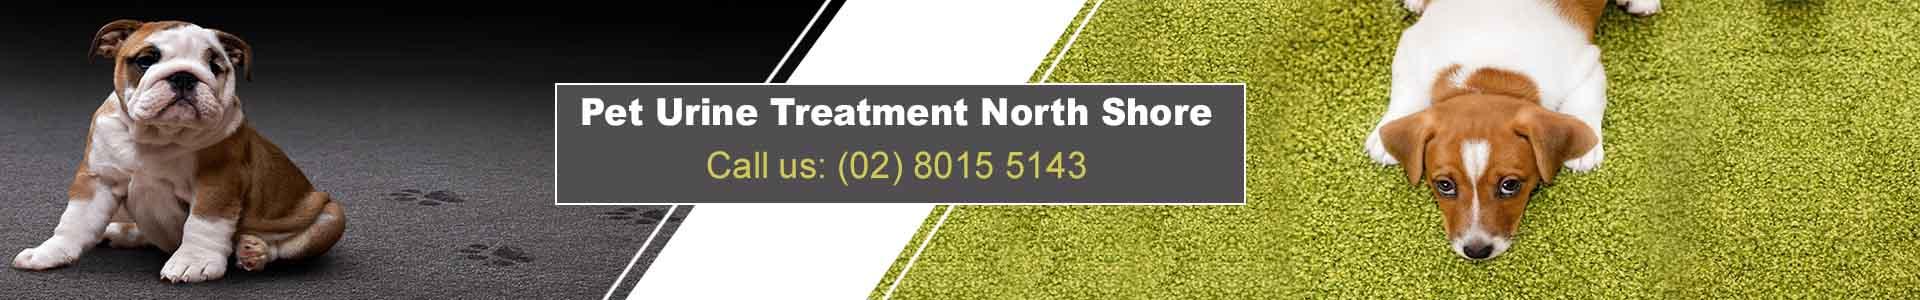 Pet Urine Treatment North Shore